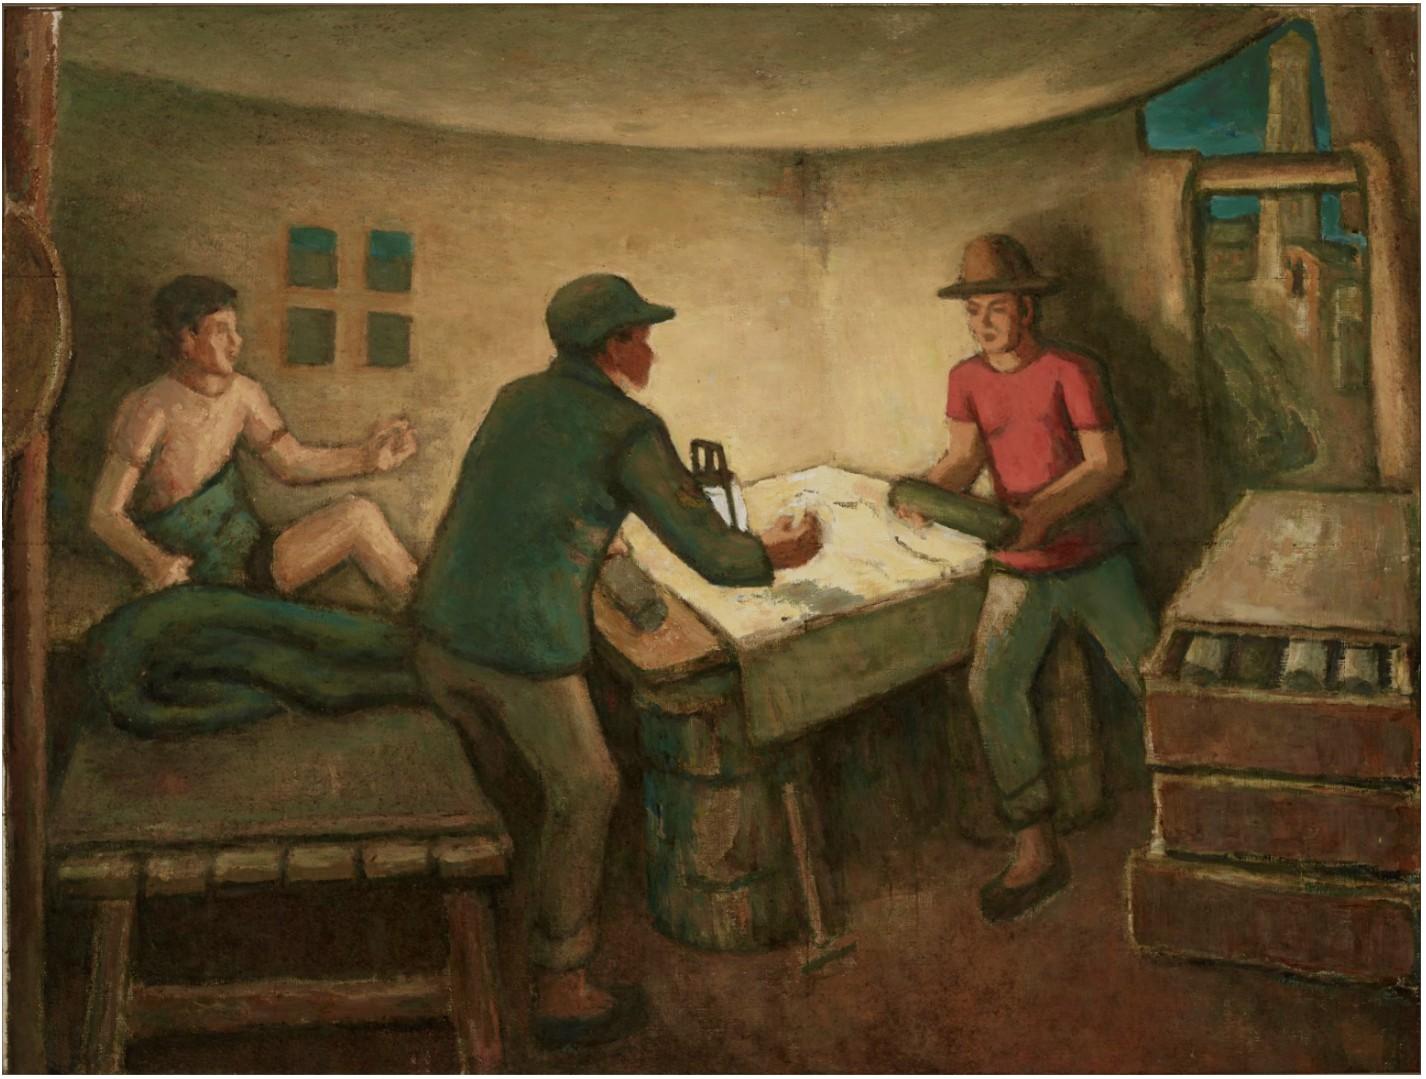 31《见矿》,胡一川,1994年,广州,布面油画,140cm×186cm,胡一川研究所藏.jpg